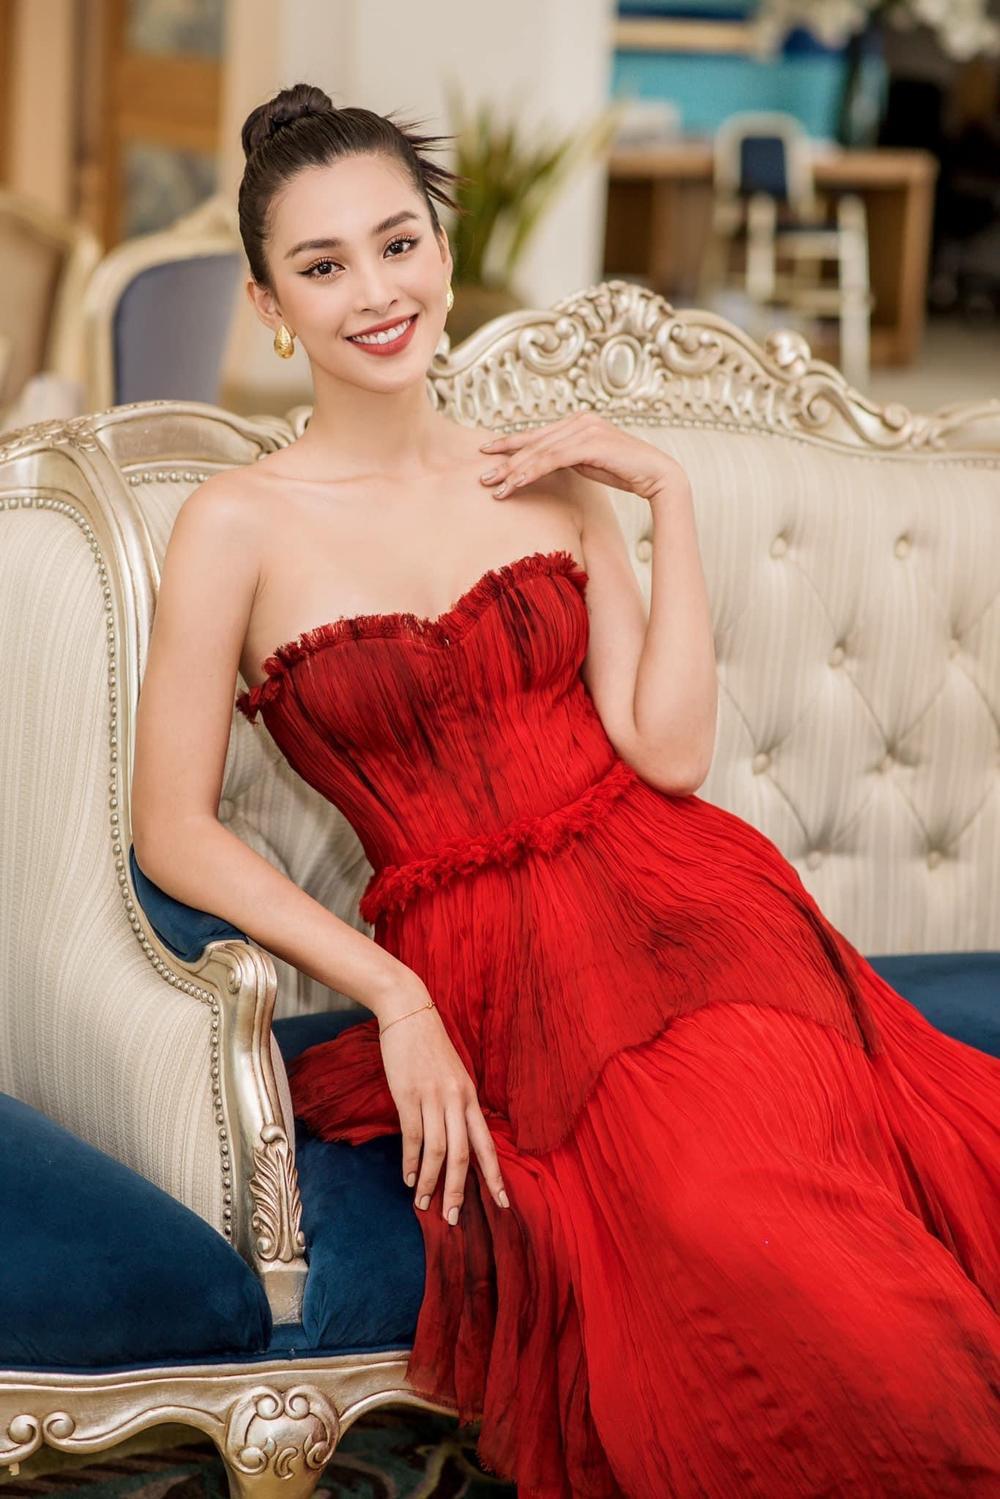 Sau Mai Phương Thúy, đến Hồ Ngọc Hà cũng phải công nhận: 'Trần Tiểu Vy là hoa hậu đẹp nhất' Ảnh 10